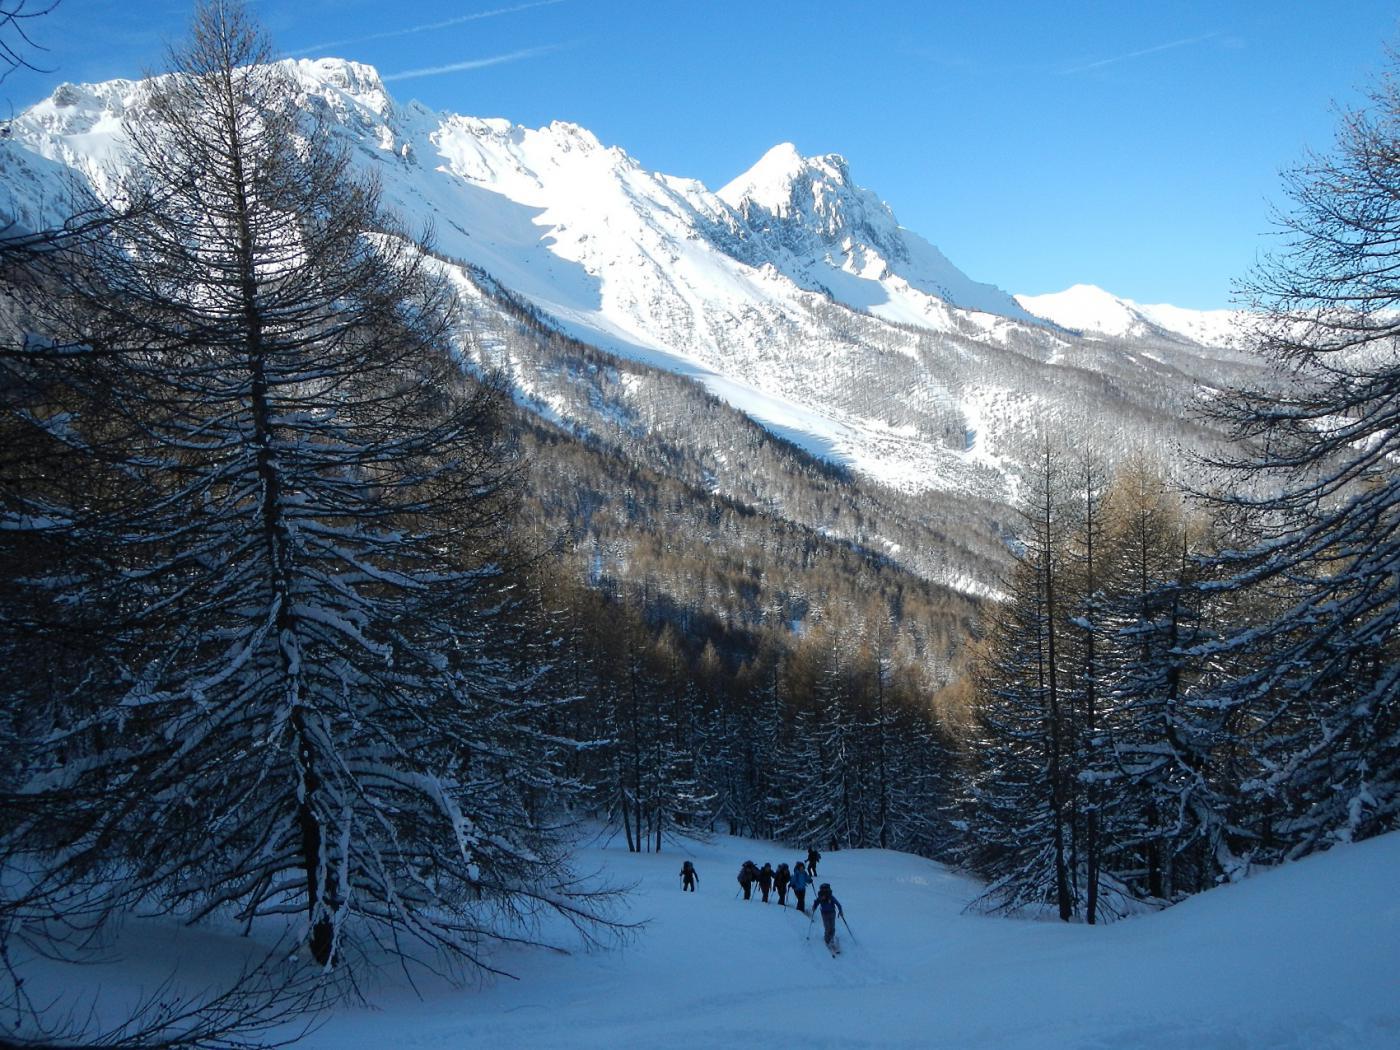 sullo sfondo: p.ta Clotesse, Grand'Hoche e Guglia d'Arbour